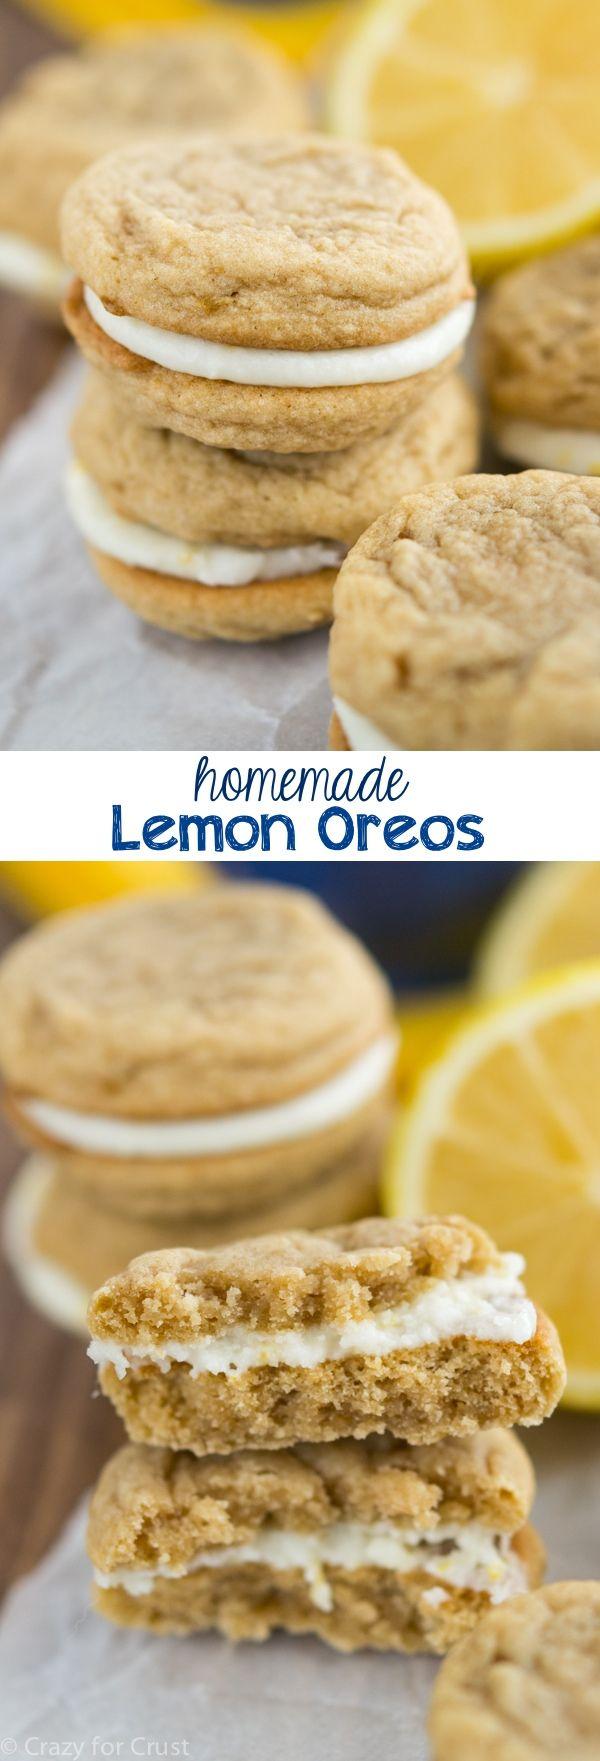 Homemade Lemon Oreos - Crazy for Crust